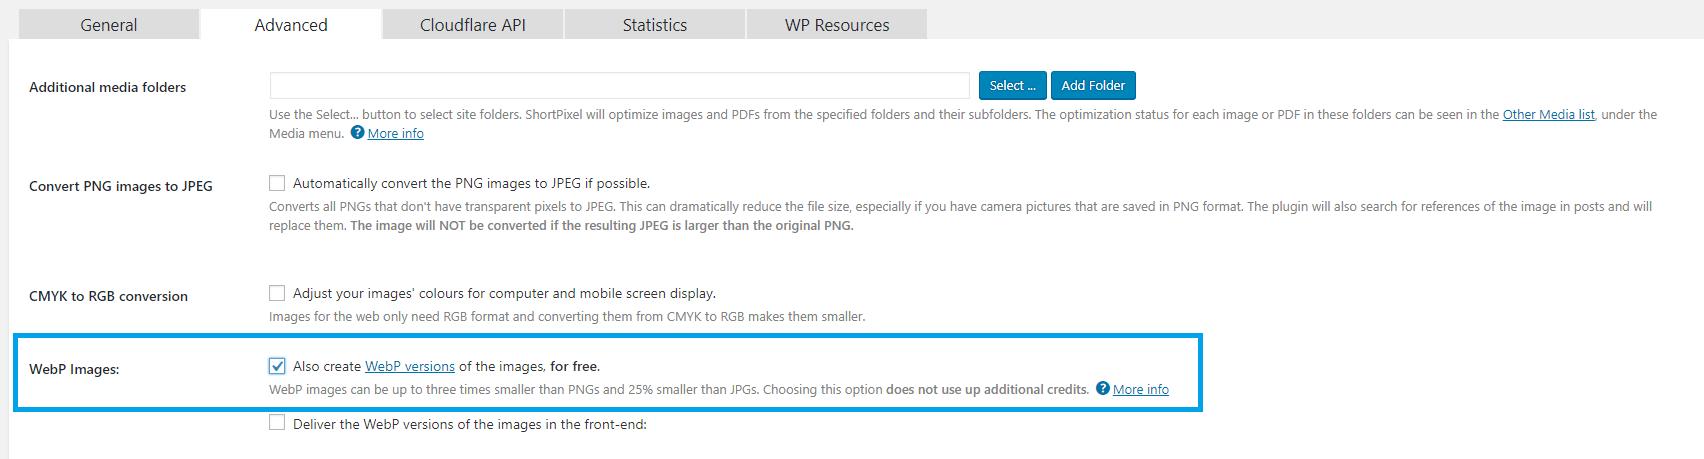 Via het tabblad advanced kun je in ShortPixel afbeeldingen omzetten naar WebP.